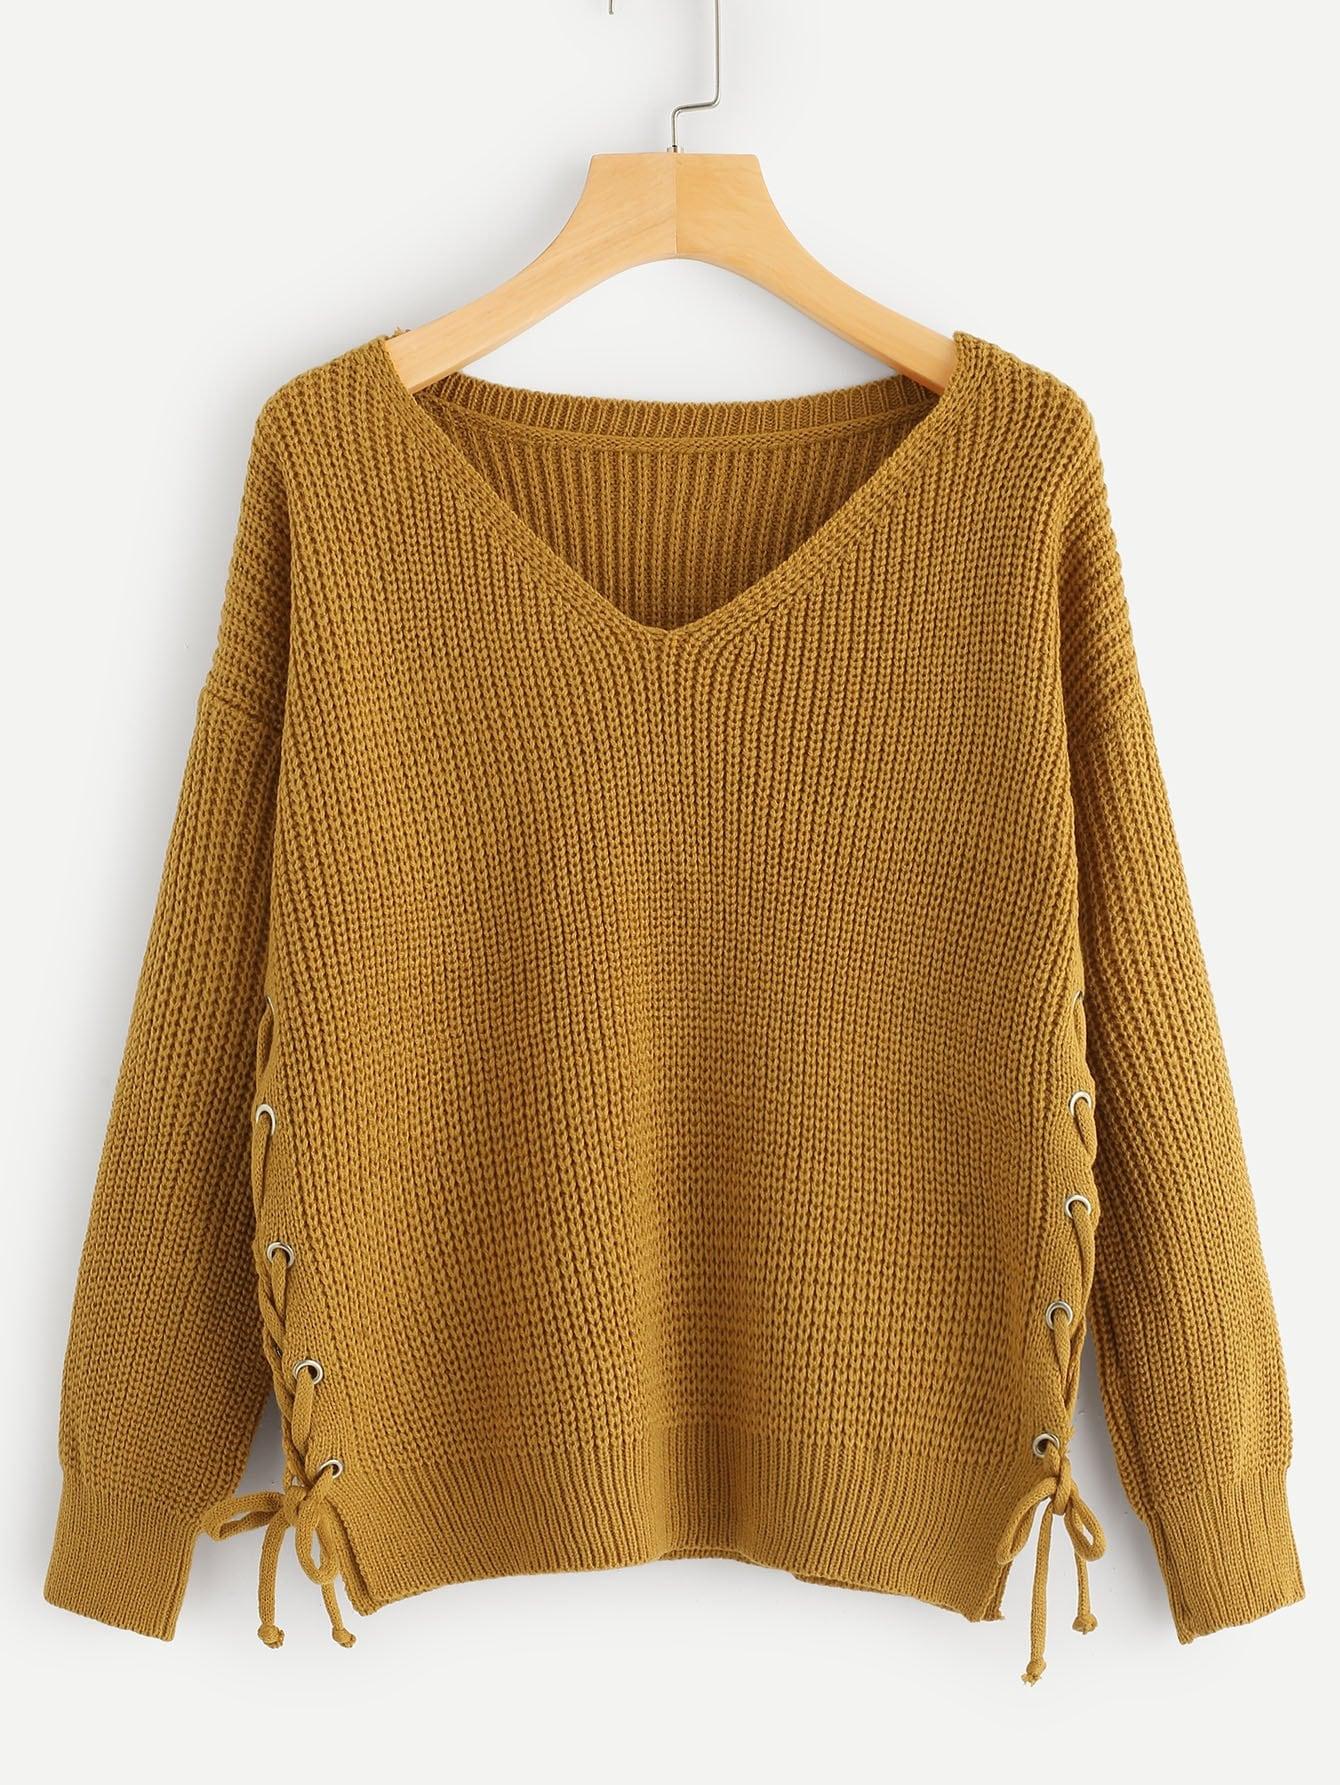 Фото - Одноцветный свитер с шнурками и V-образным вырезом от SheIn коричневого цвета